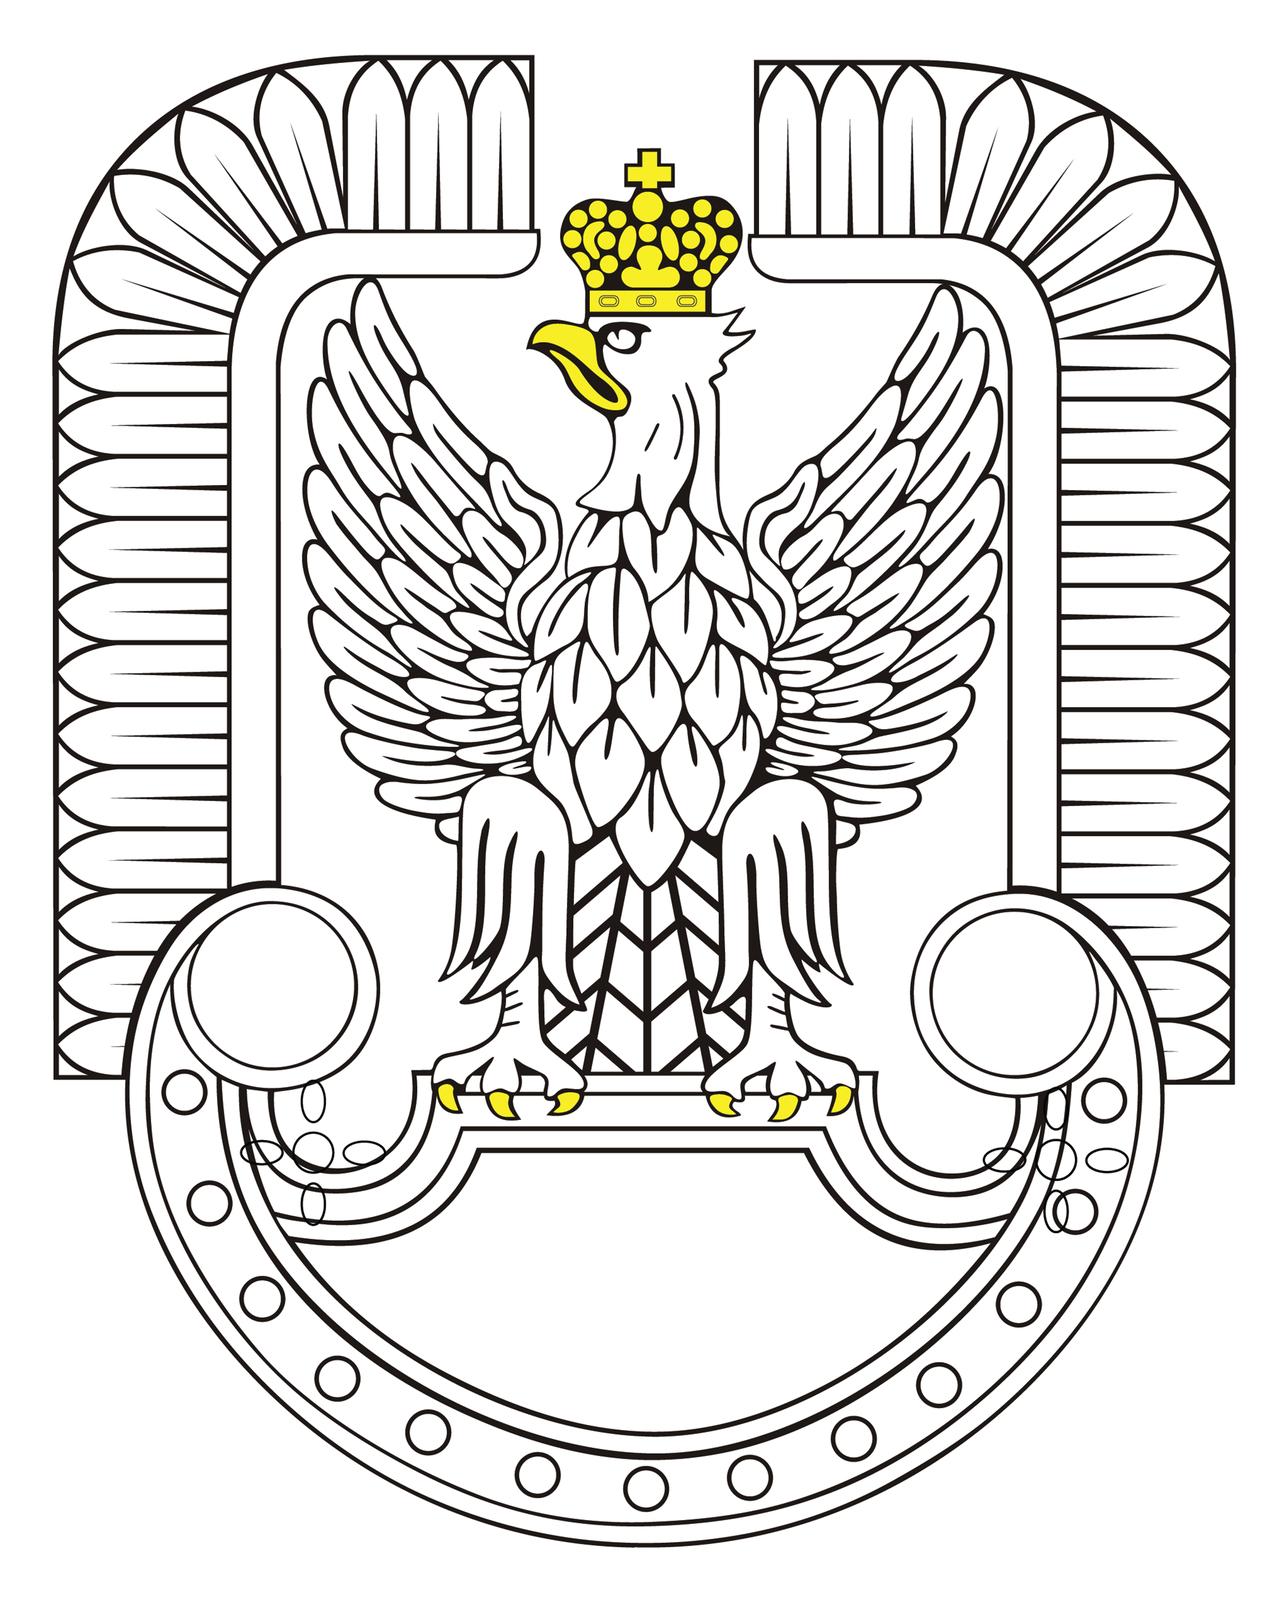 Ilustracja przedstawia symbol sił powietrznych stylizowany na godło orła polskiego. Biały orzeł ze skrzydłami wzniesionymi ku górze. Głowa zżółtym dziobem skierowana wprawo. Na głowie żółta korona. Na szczycie korony krzyż równoramienny. Szpony orła zakończone żółtymi pazurami przytrzymują tarczę. Orzeł osadzony jest na tarczy amazonek. Tarcza zakończone półkoliście wdolnej części. Kształt tarczy tworzy formę półksiężyca ułożonego poziomo. Końce tarczy zaokrąglone. Wnętrze tarczy białe. Wokół skrzydeł orła ramka wkształcie skrzydeł husarii. Ramka wsparta na wysokości zakończenia tarczy.